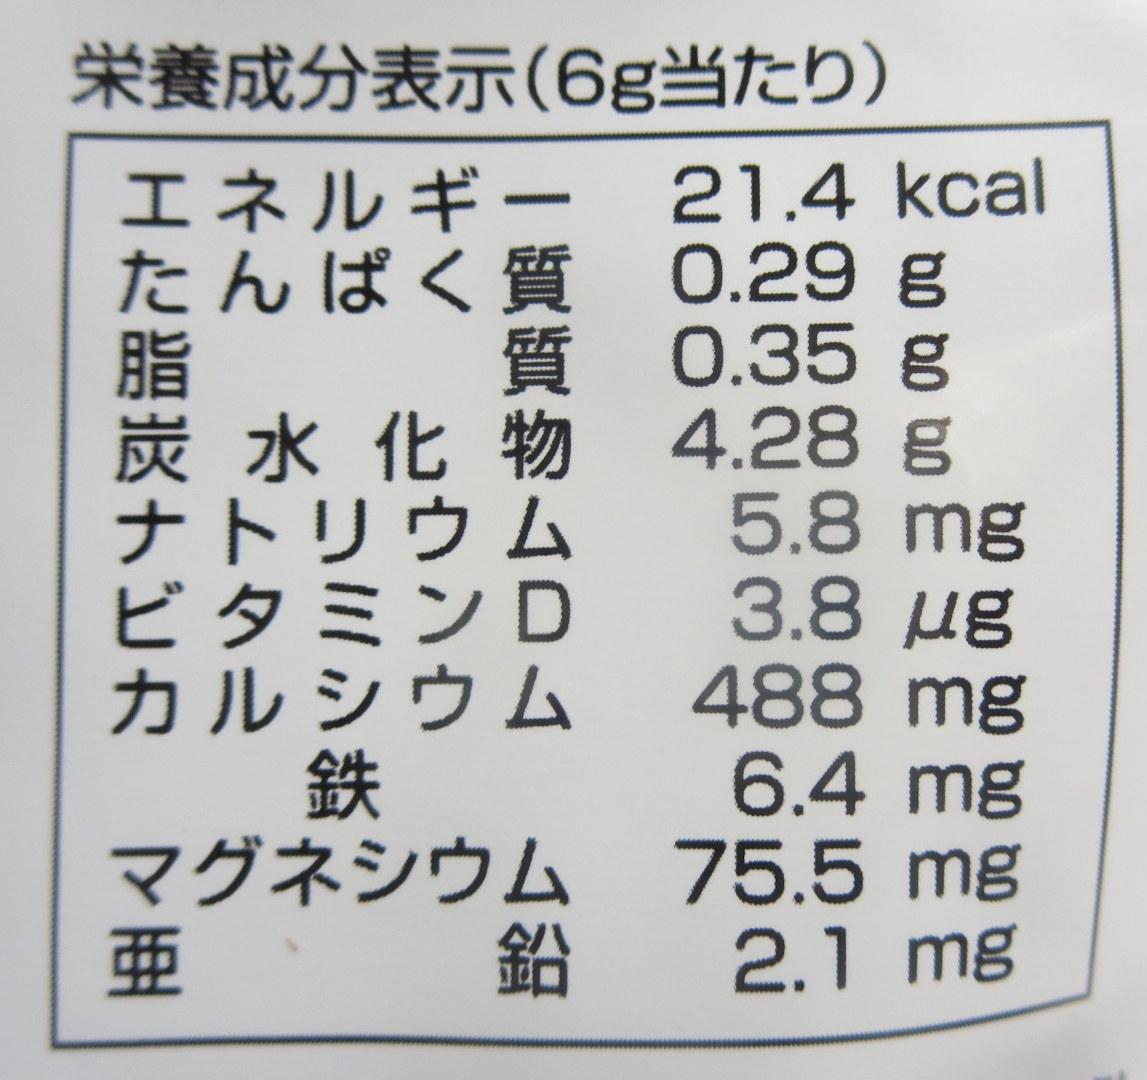 アスミールの栄養成分表